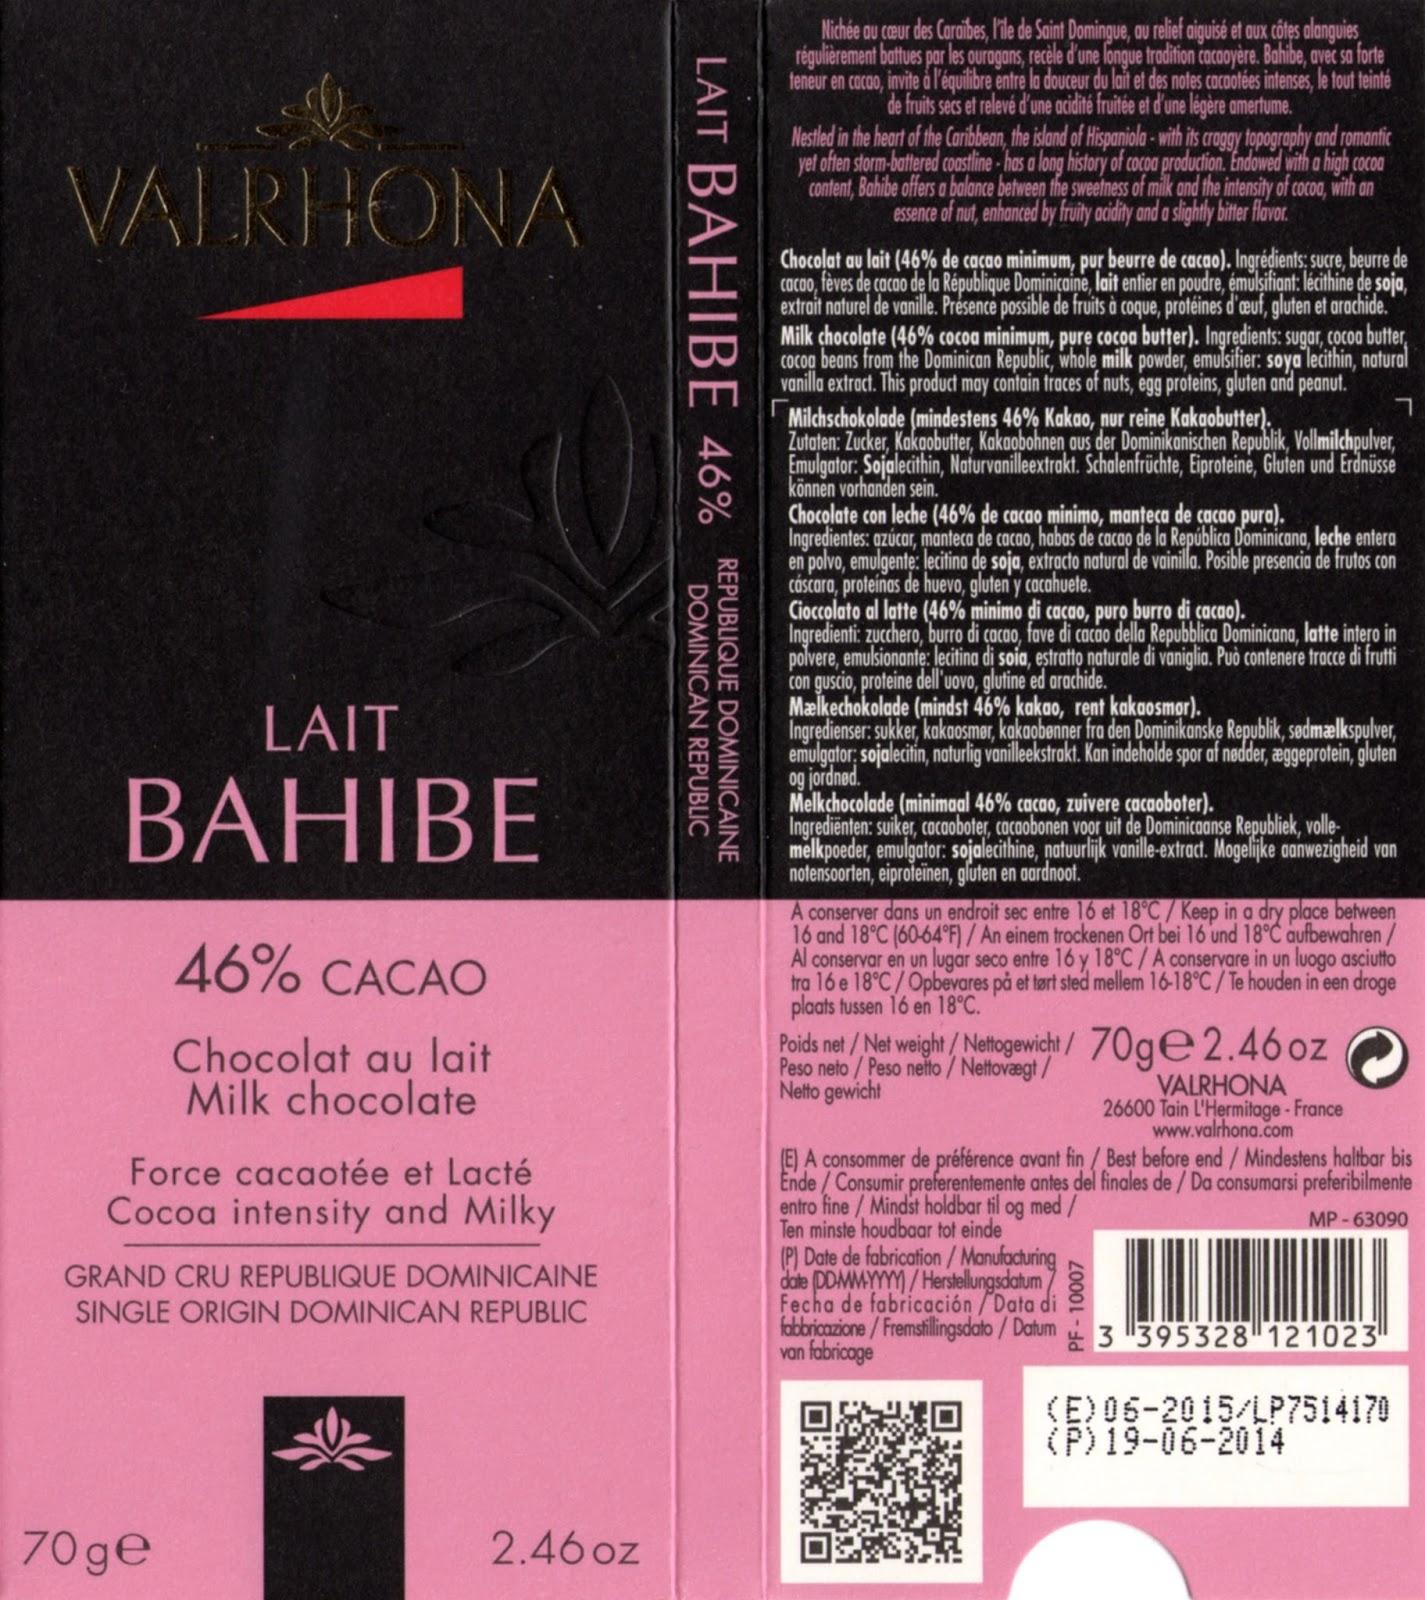 tablette de chocolat lait dégustation valrhona lait bahibe 46